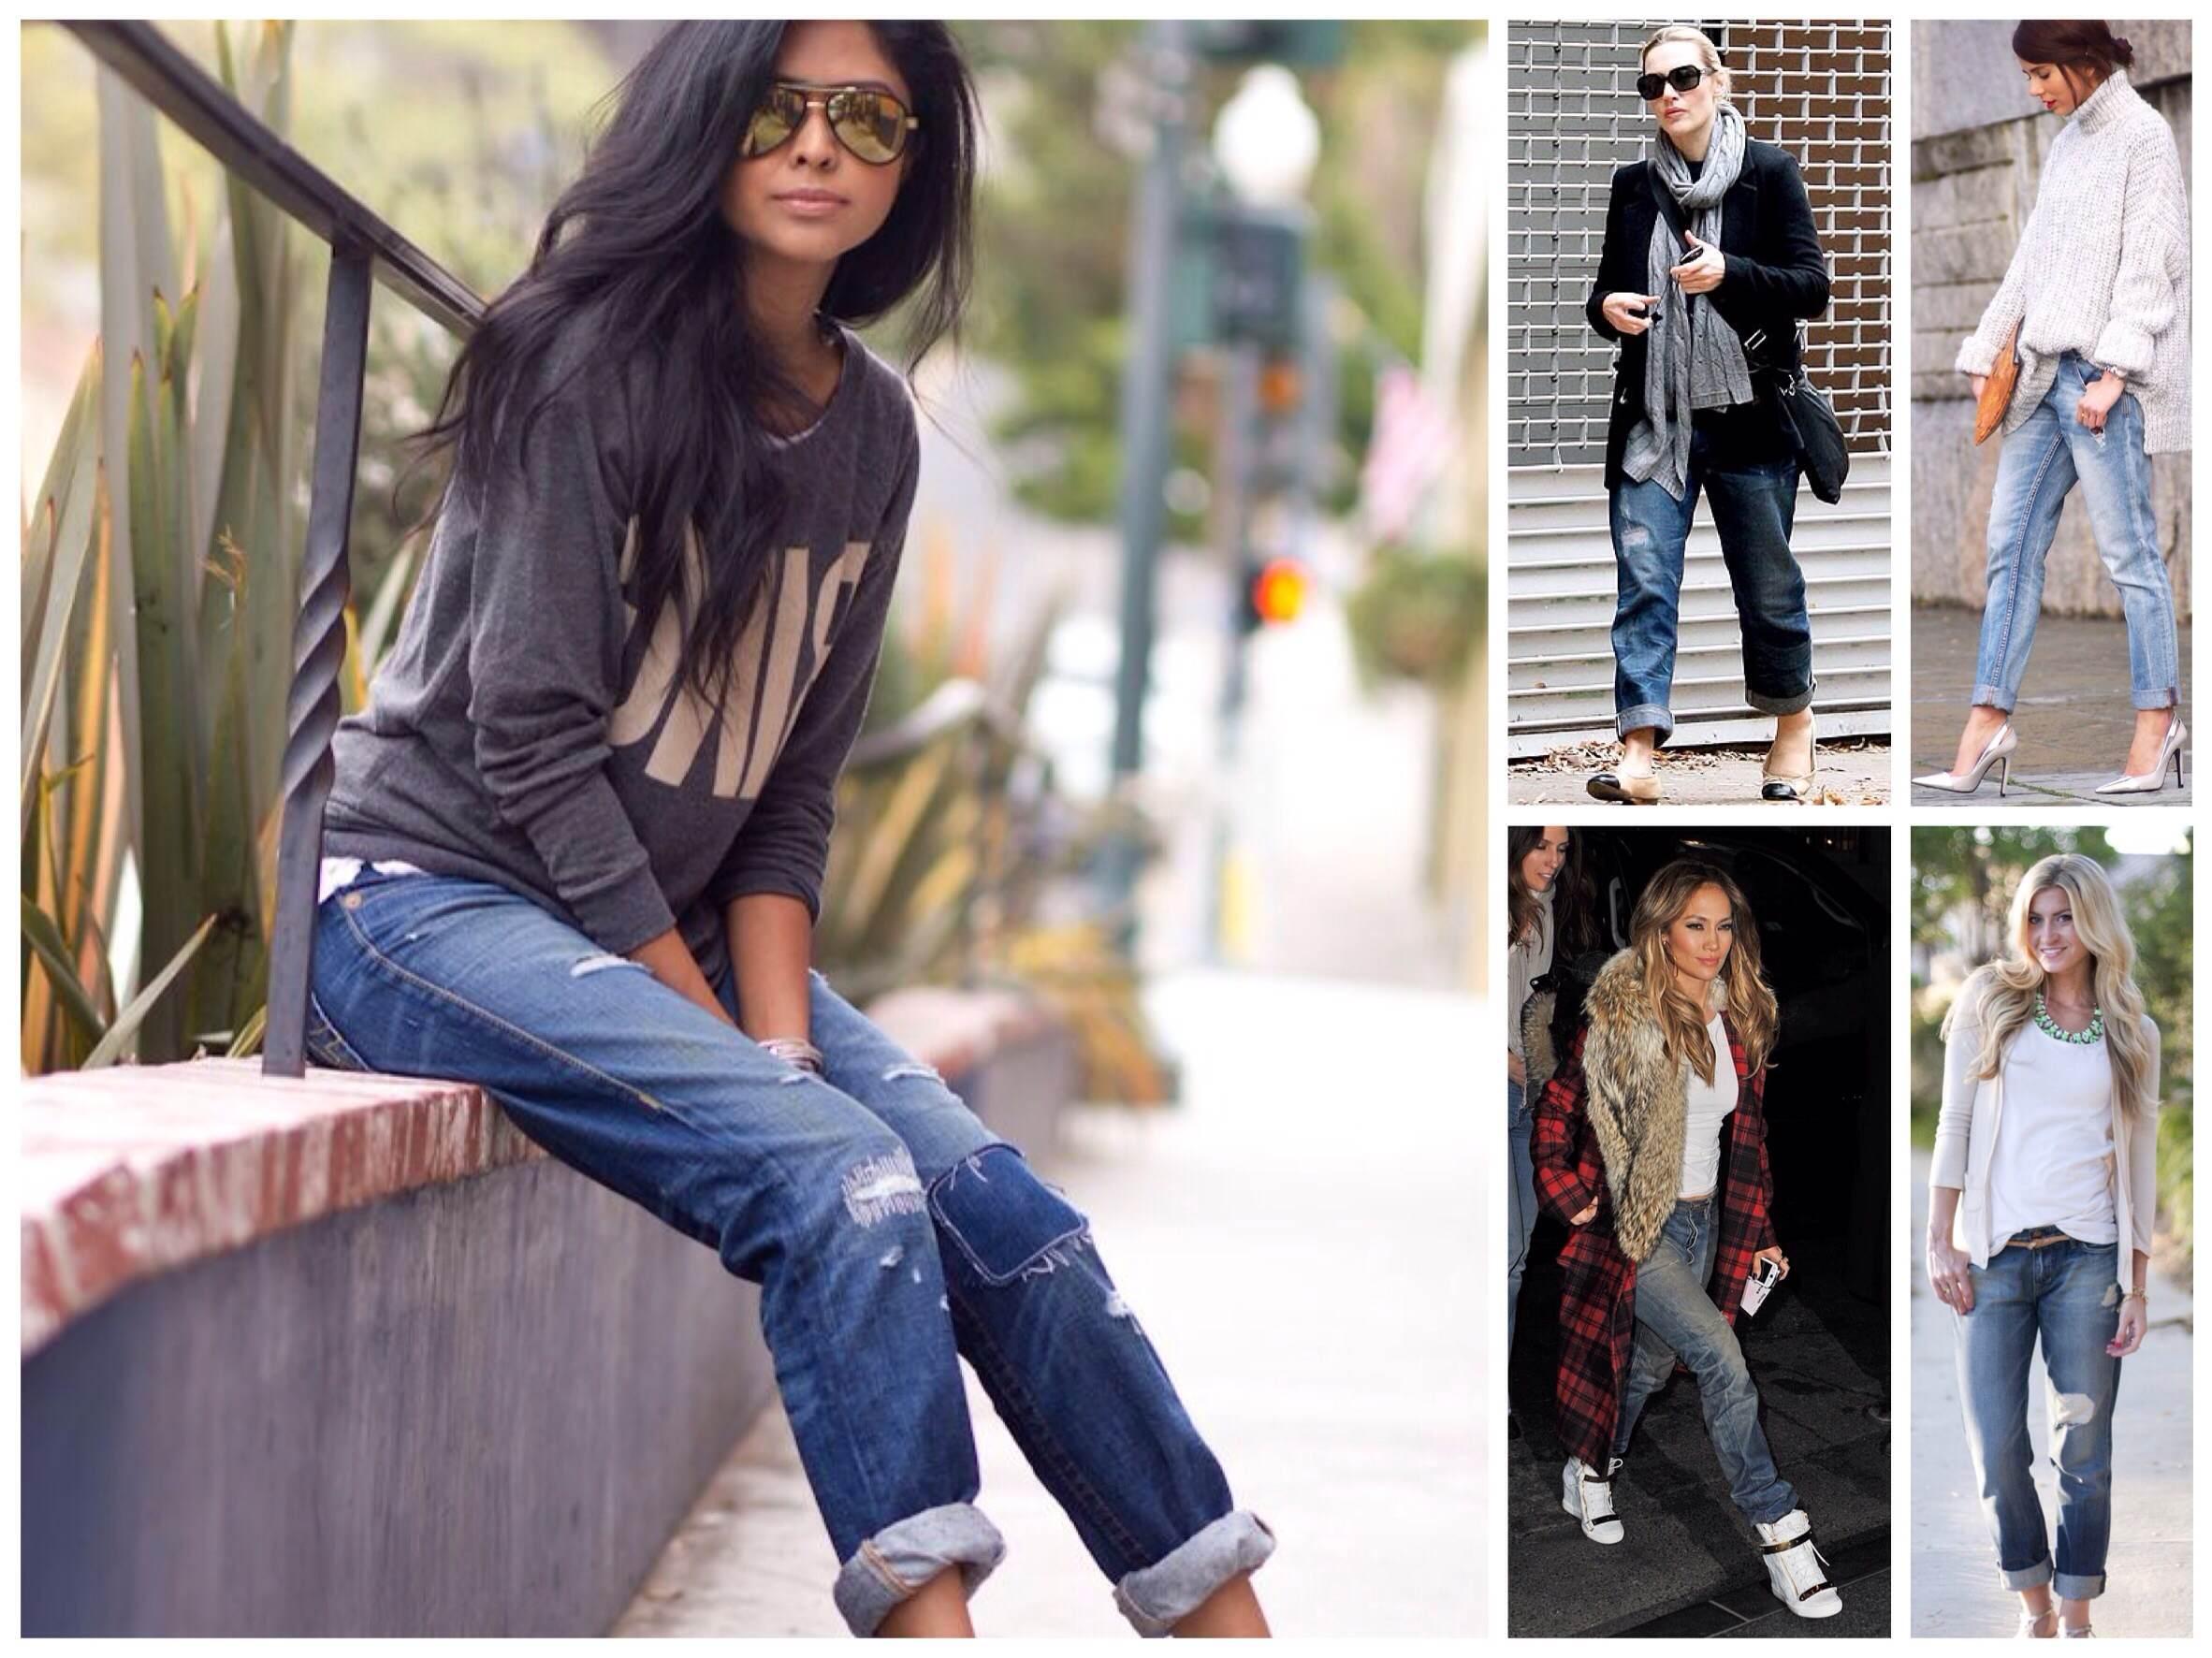 Фото красавицы в джинсах показывает свои стройные ножки